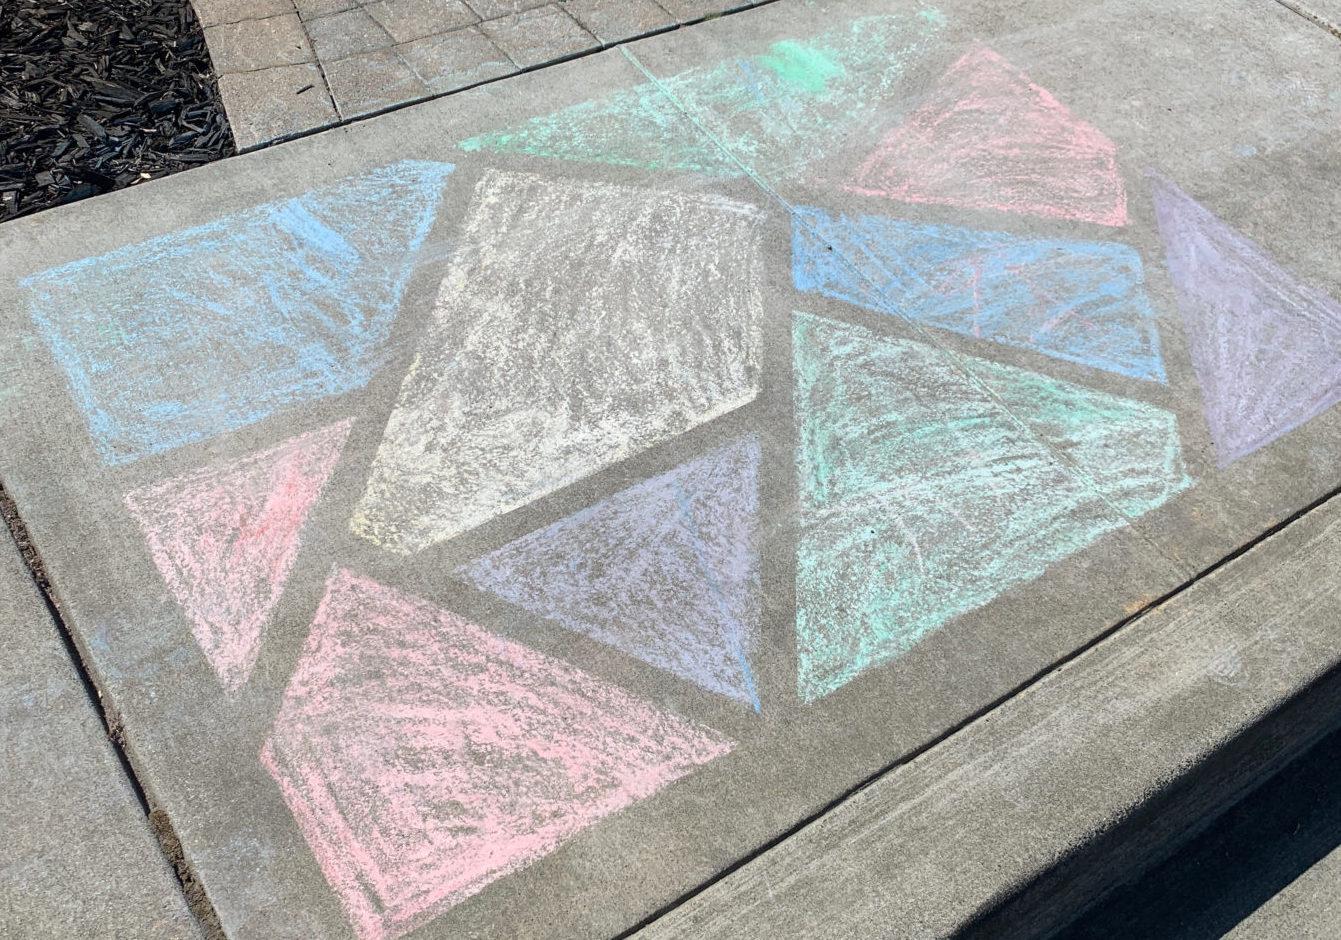 Sidewalk Chalk Art COVID-19